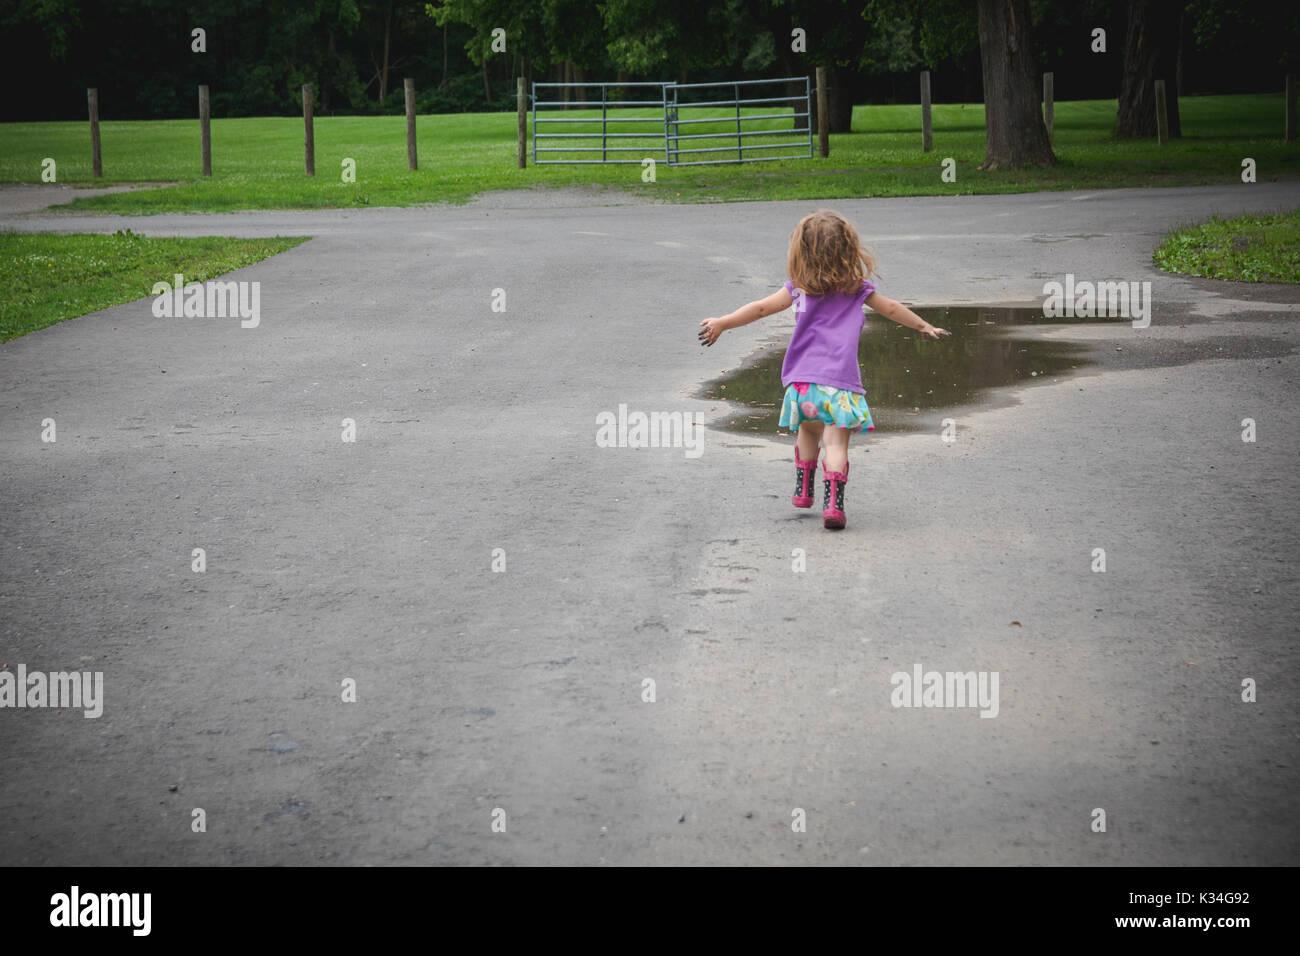 Un bambino bambina corre verso una pozza di fango in un parco. Immagini Stock